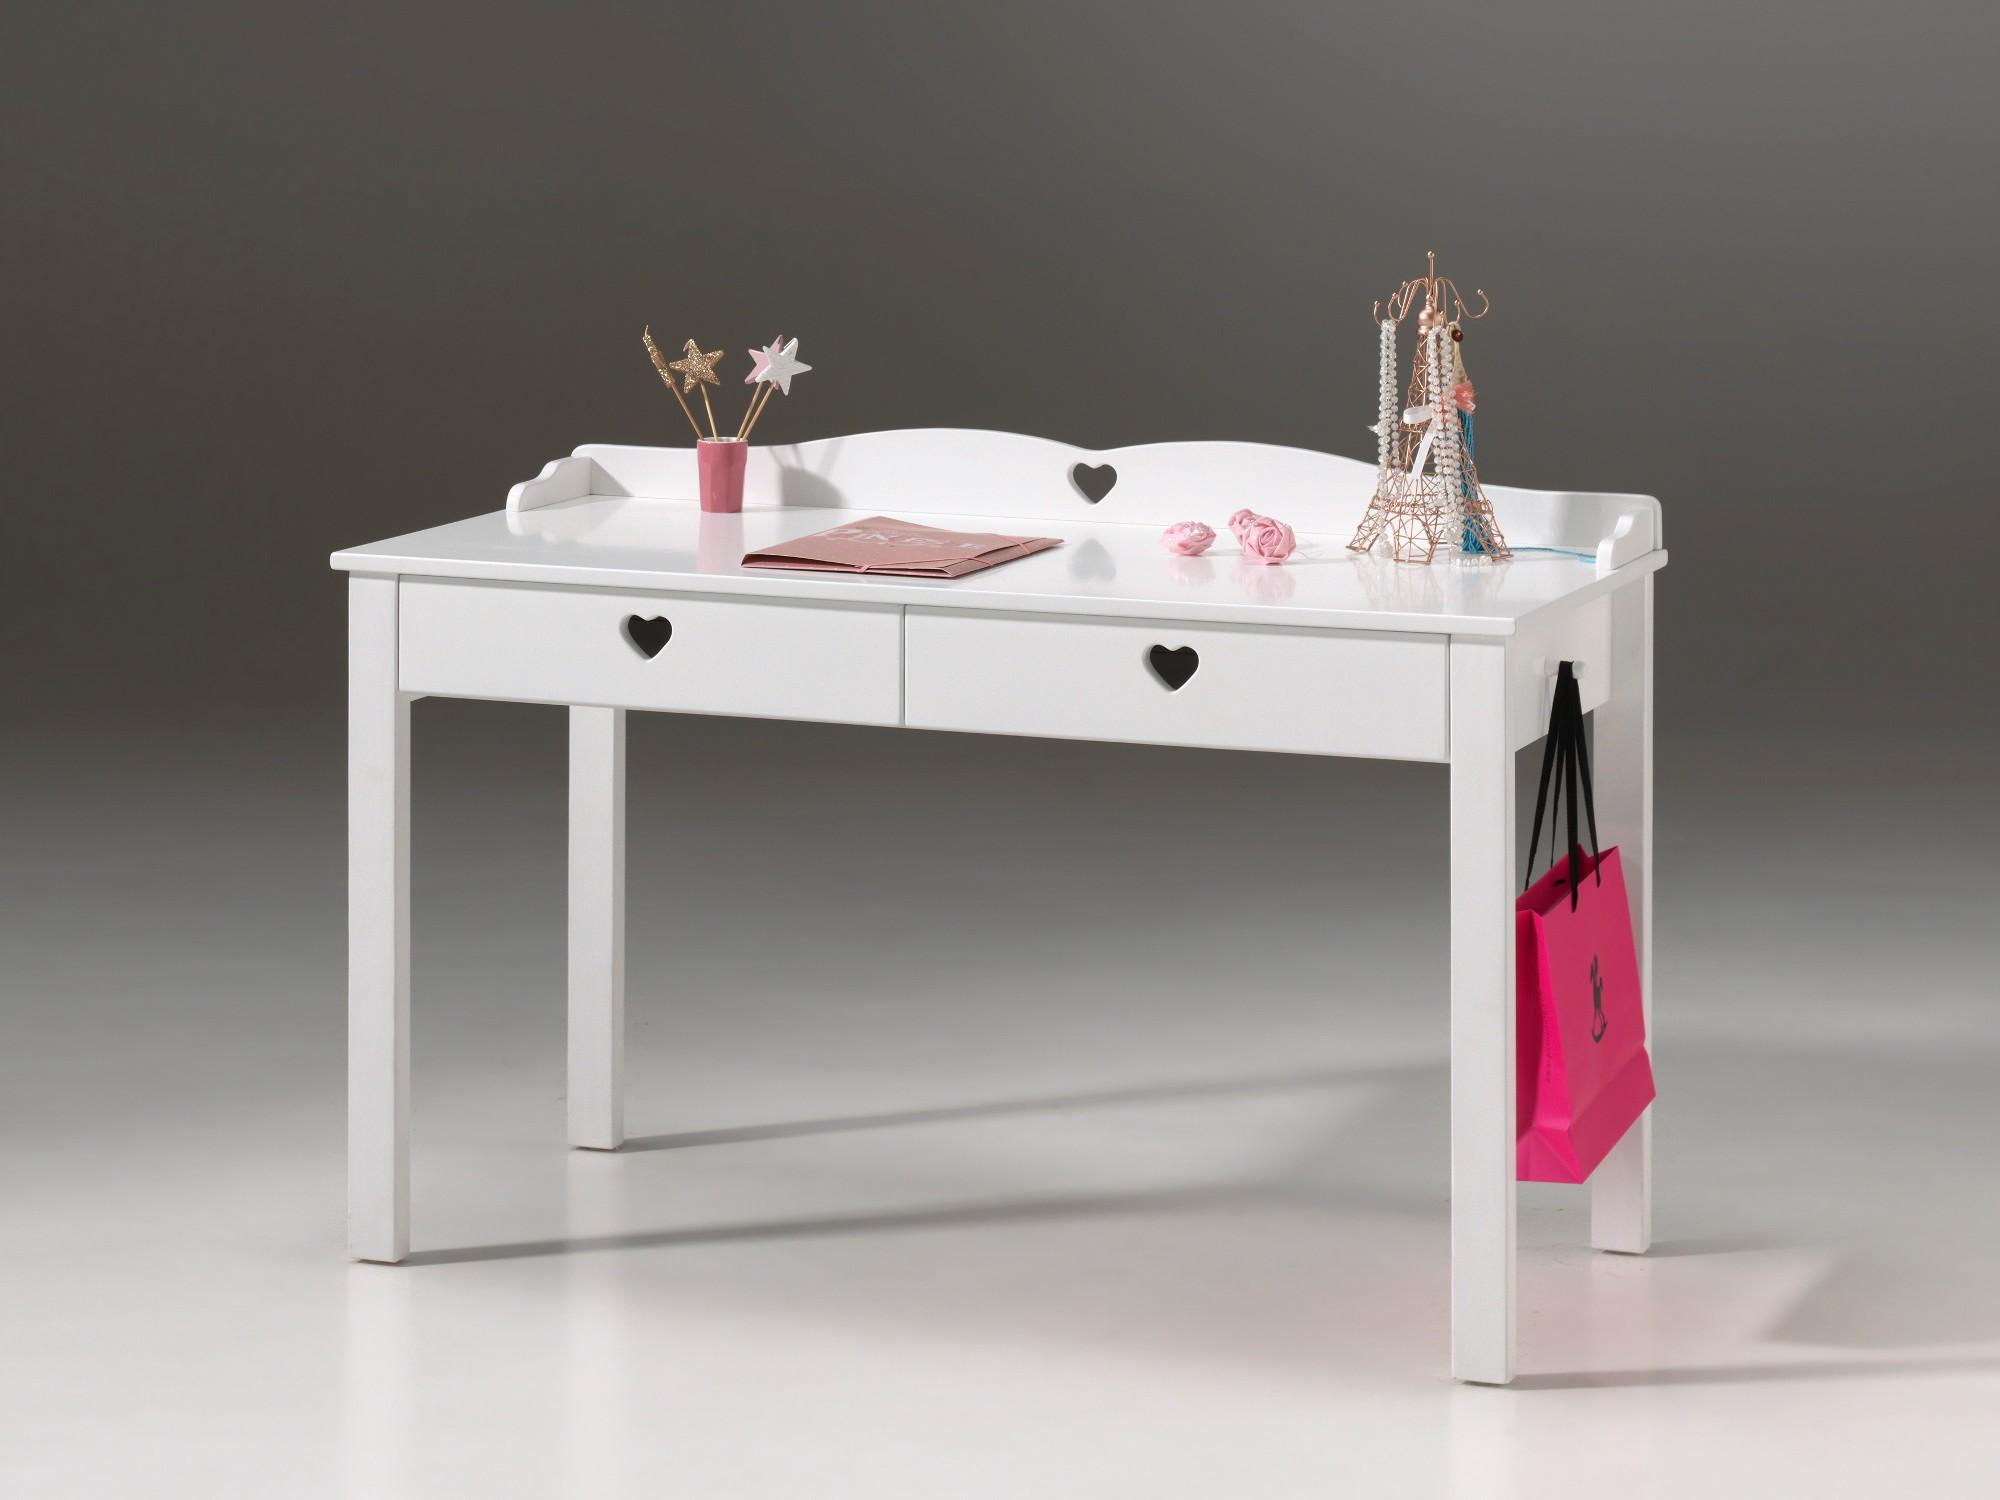 schreibtisch amori wei kinder jugendzimmer schreibtische. Black Bedroom Furniture Sets. Home Design Ideas